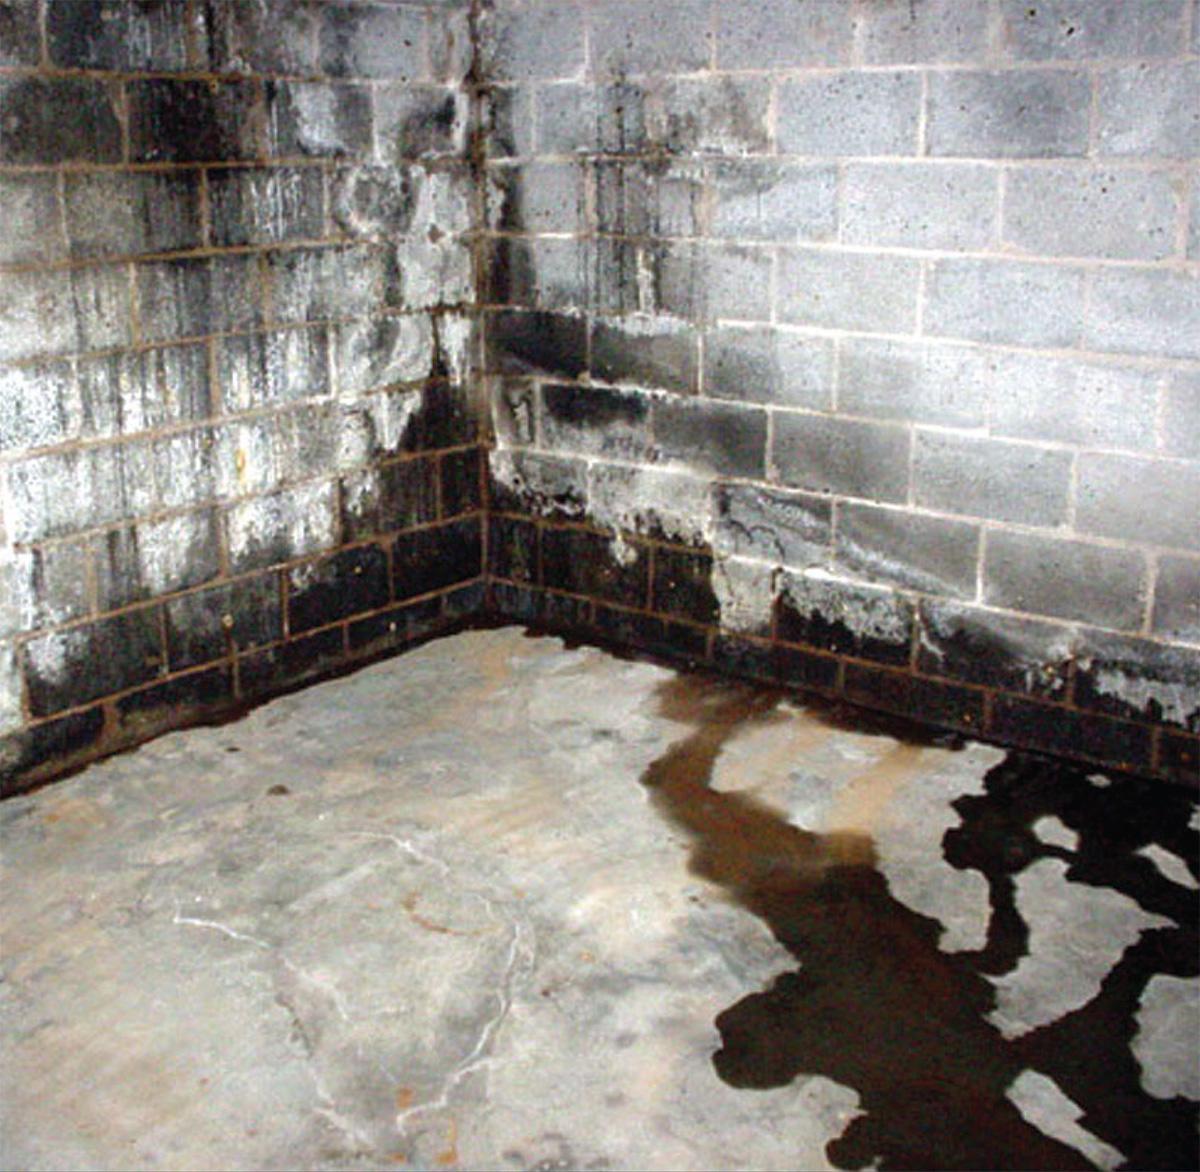 Wet dirty basement